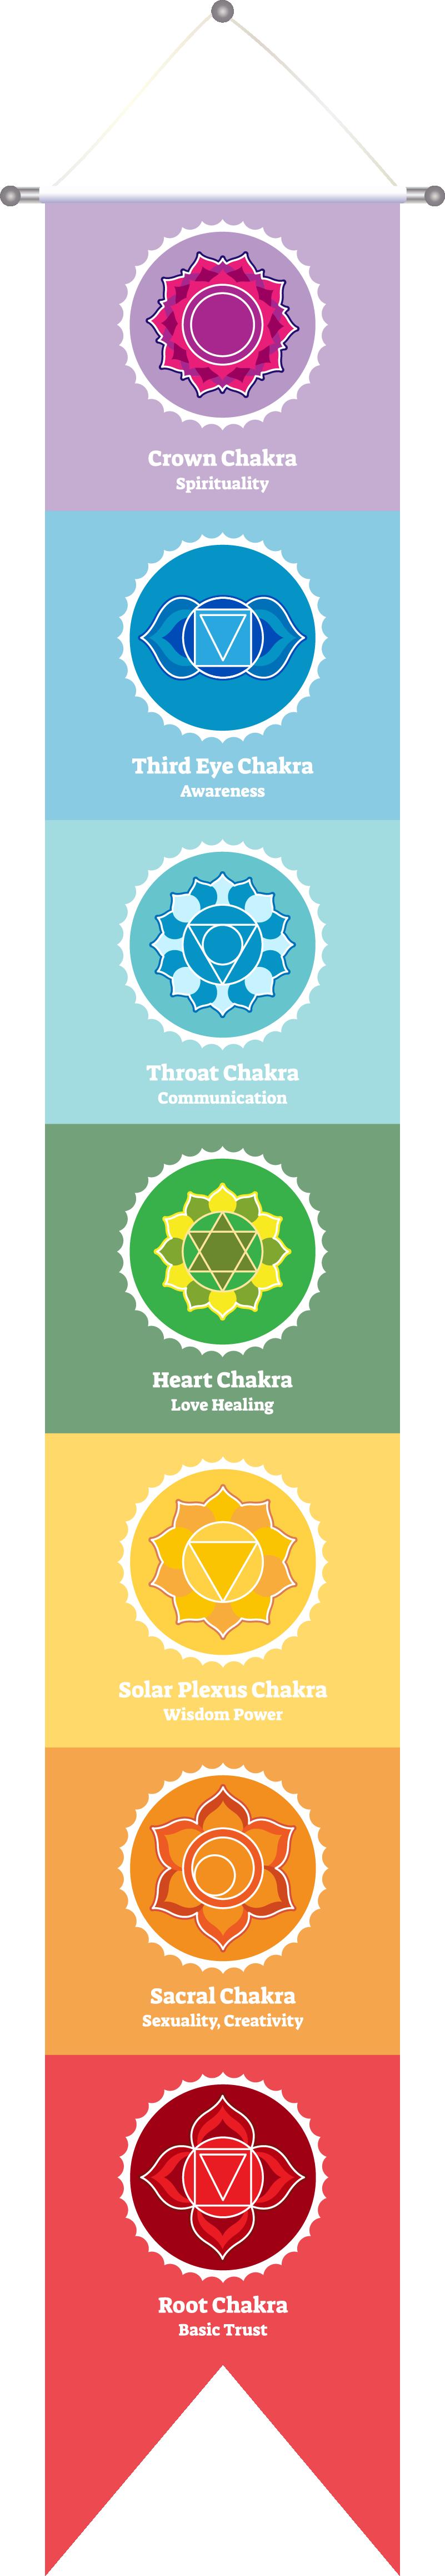 TenStickers. Sticker Maison Chakras Symboles. Découvrez comment vous pouvez décorer votre chambre avec un sticker motivation sur les chakras pour que vous guardiez votre passion. Qualité Garantie.